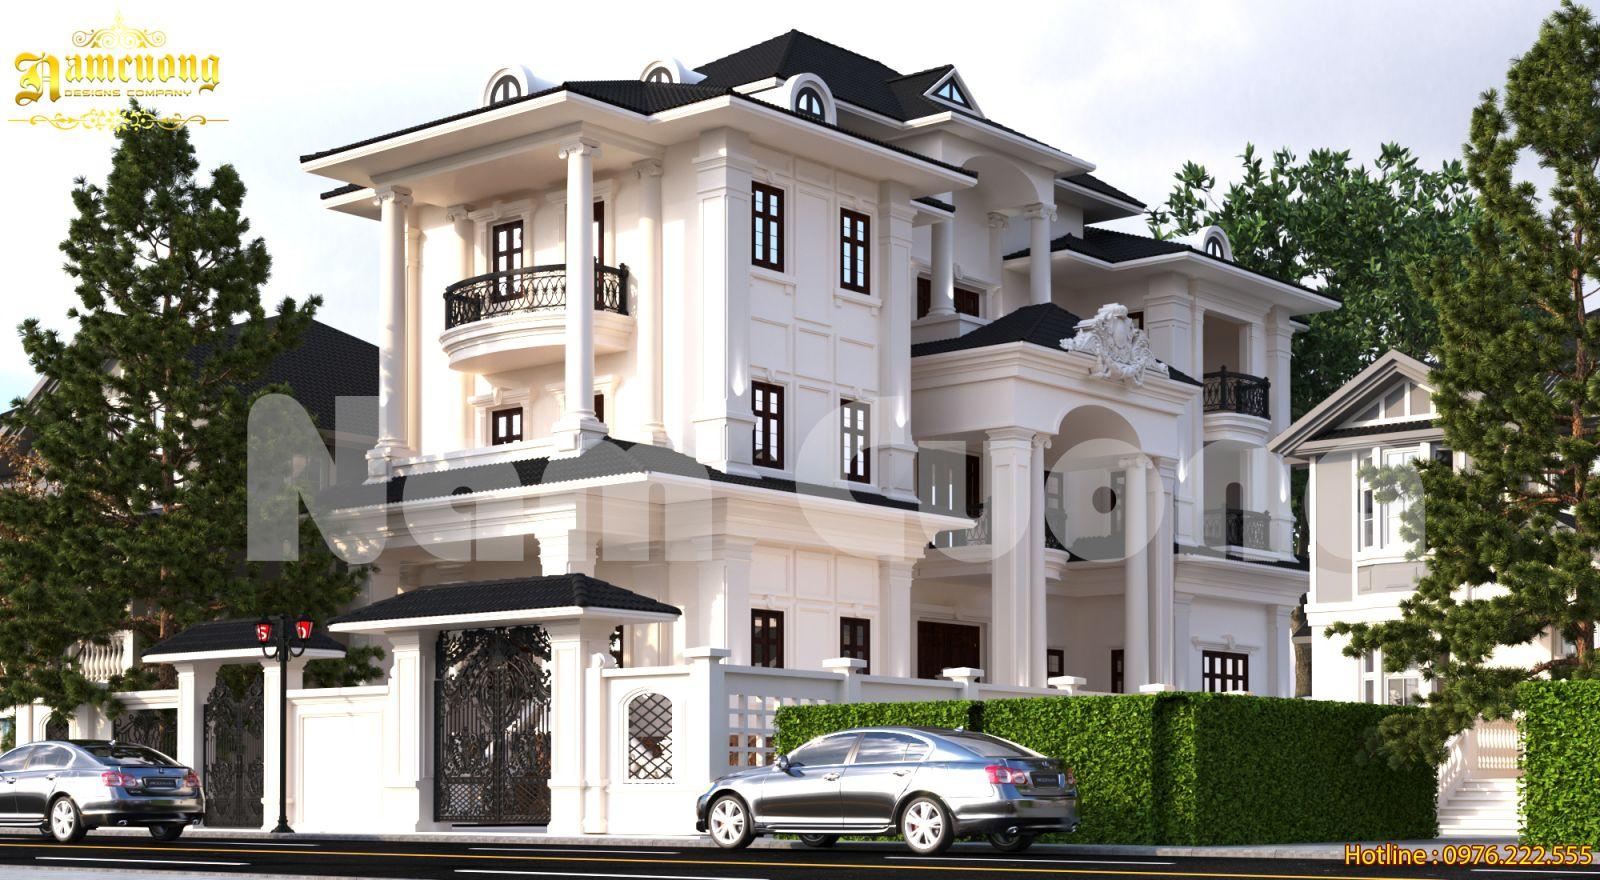 Thiết kế biệt thự 4 tầng mái thái đẹp chỉ với 3 tỷ đồng